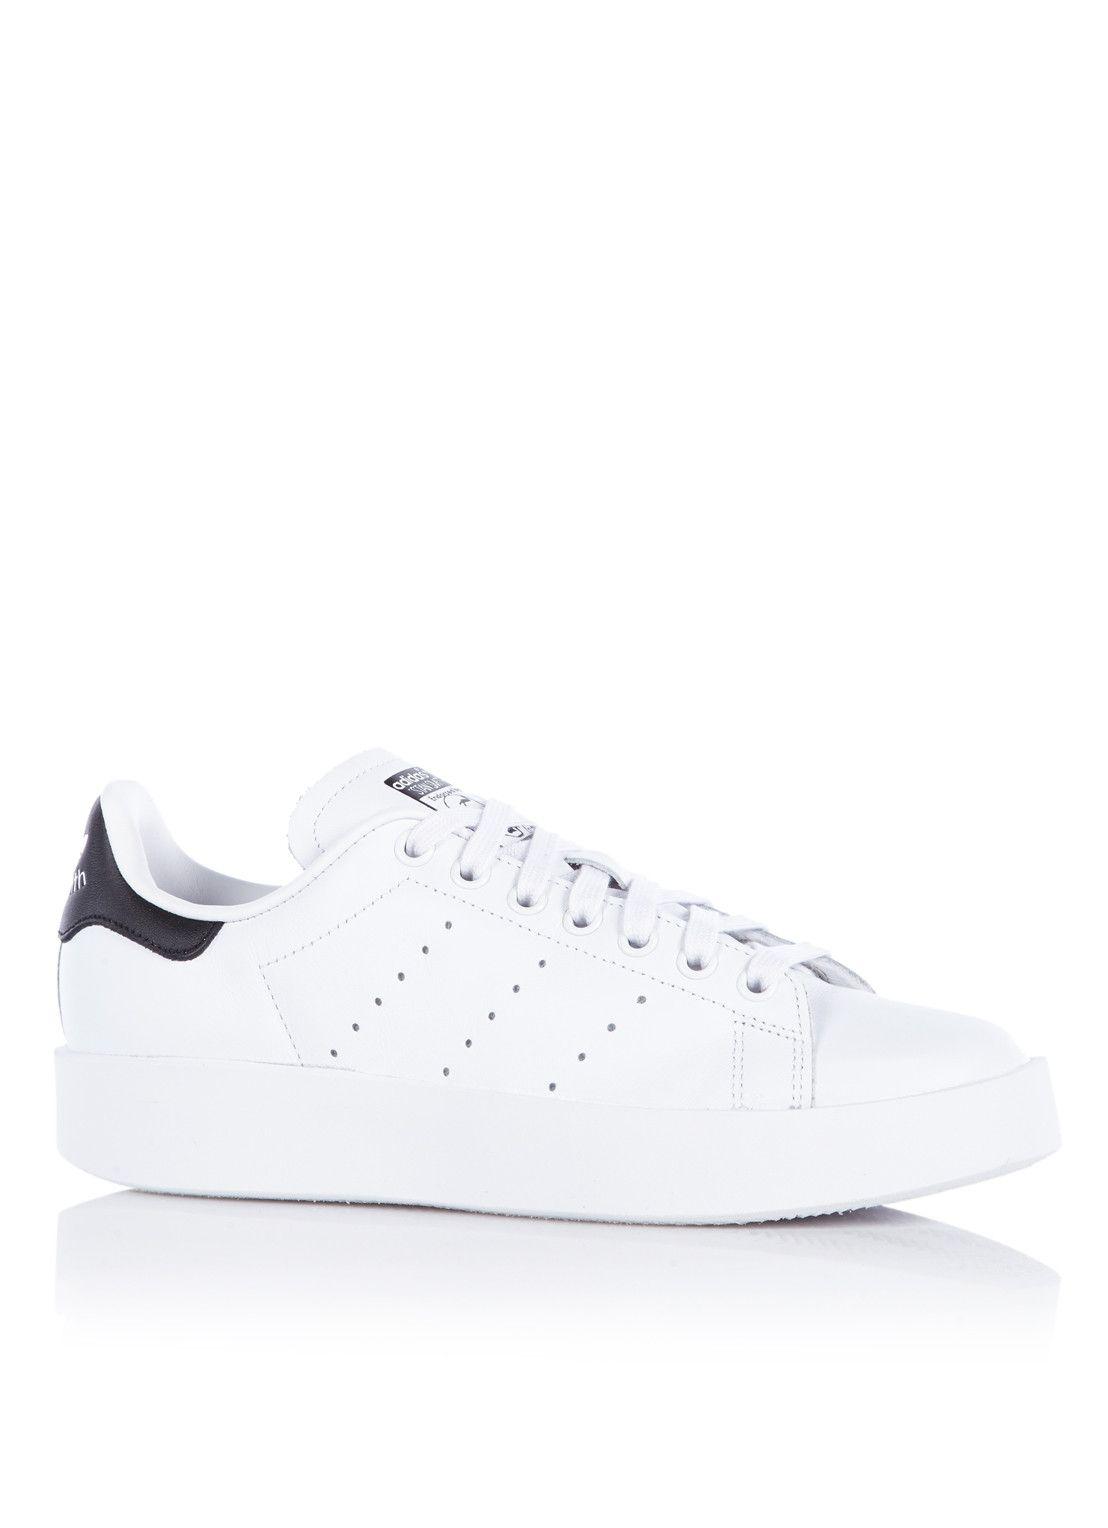 adidas stan smith wit zwarte stippen